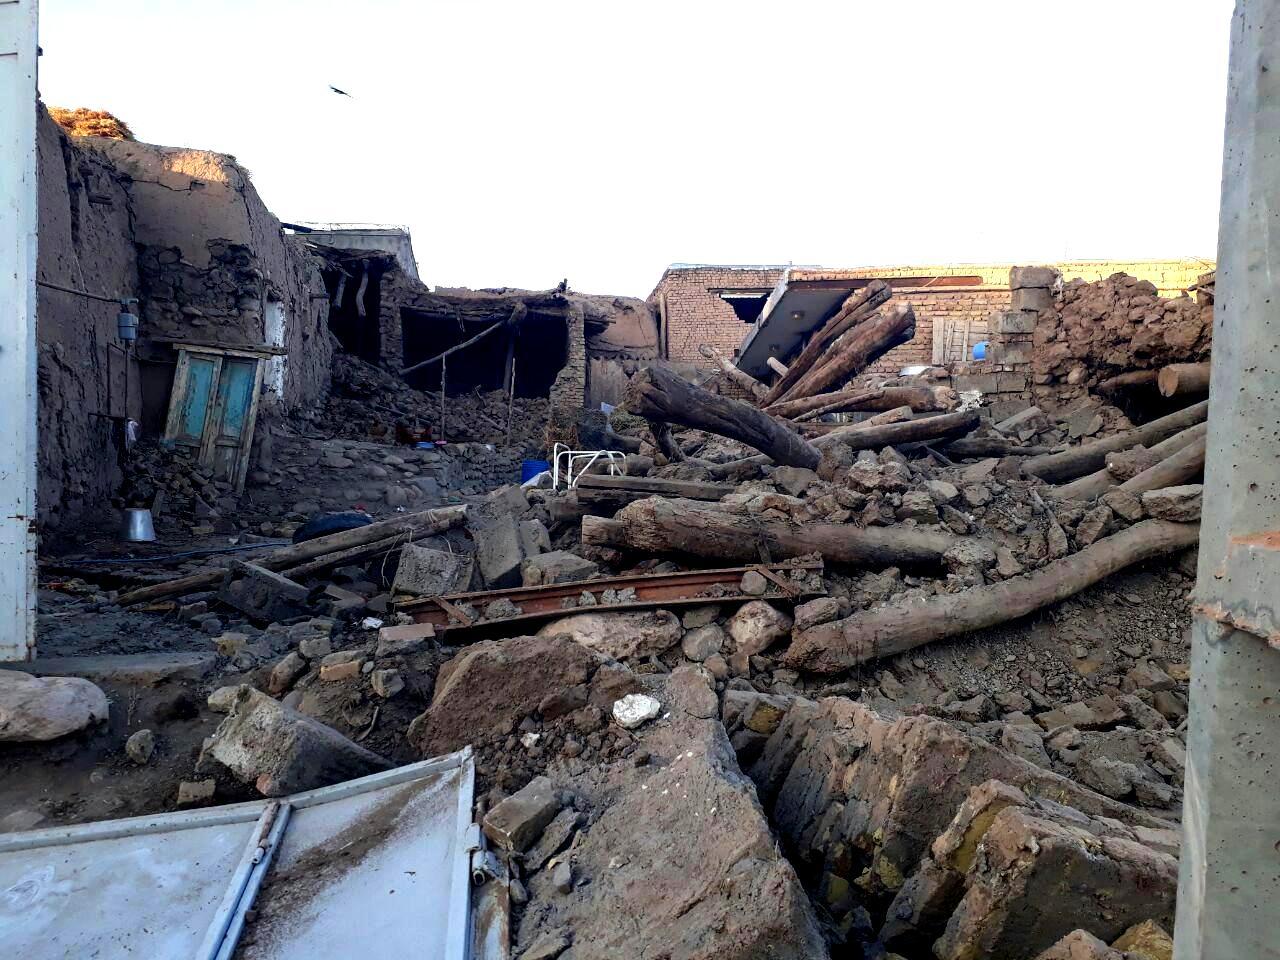 اعزام ۷ تیم ارزیاب و امدادرسان هلال احمر / ارائه خدمات سرپایی به مصدومان زمین لرزه